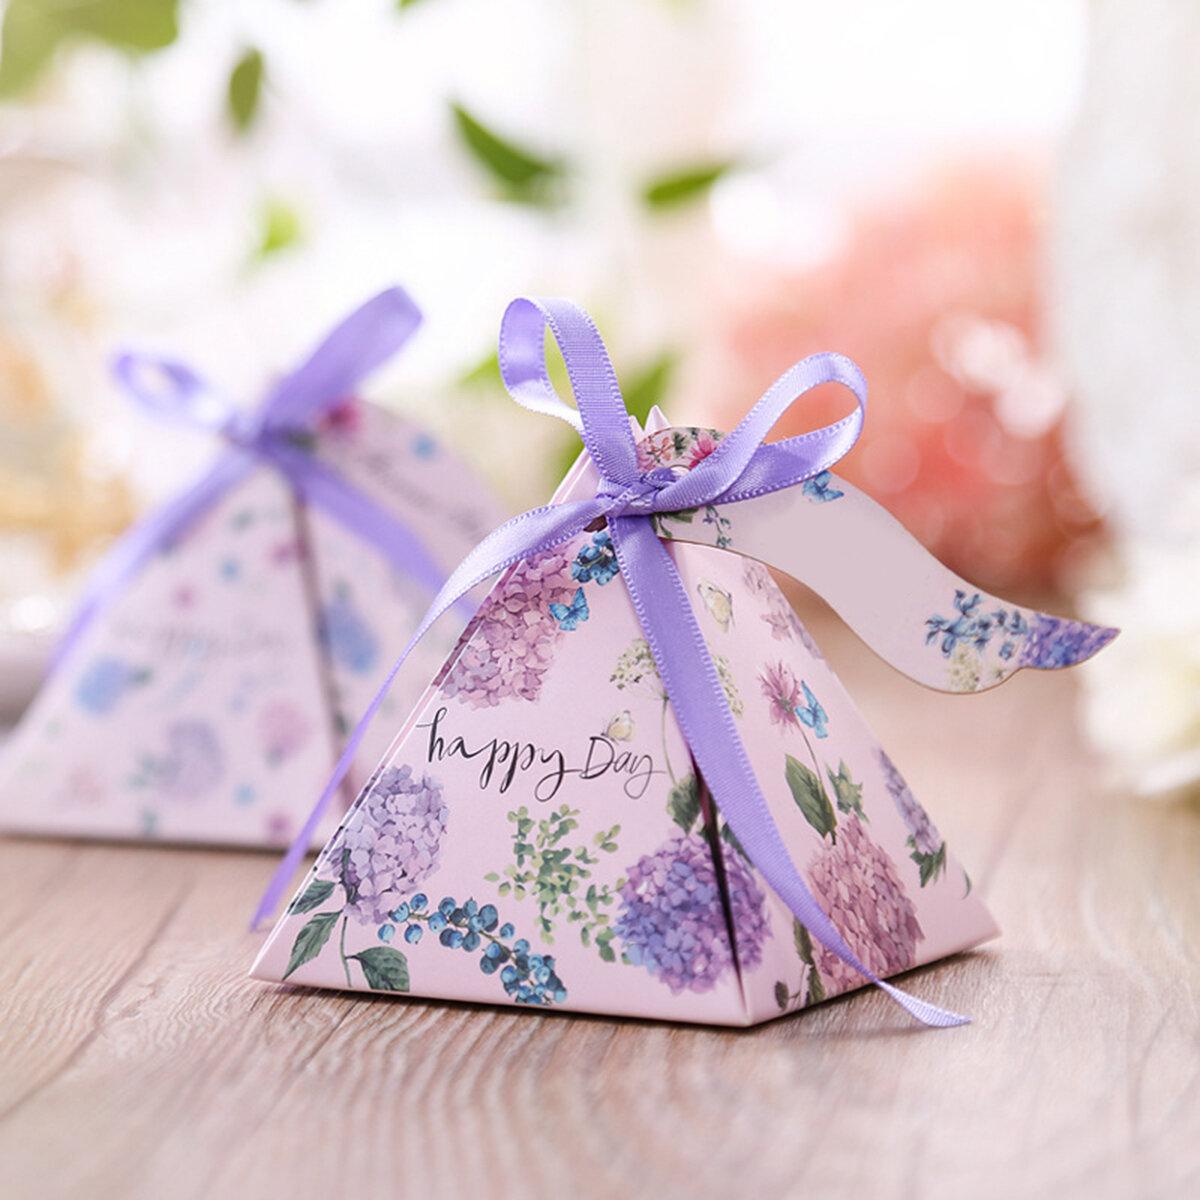 50 UNIDS Flor de Primavera Cajas de Dulces de Papel Boda Decoraciones de Fiesta Favor Cajas Dulces Bolsa Etiquetas Cintas